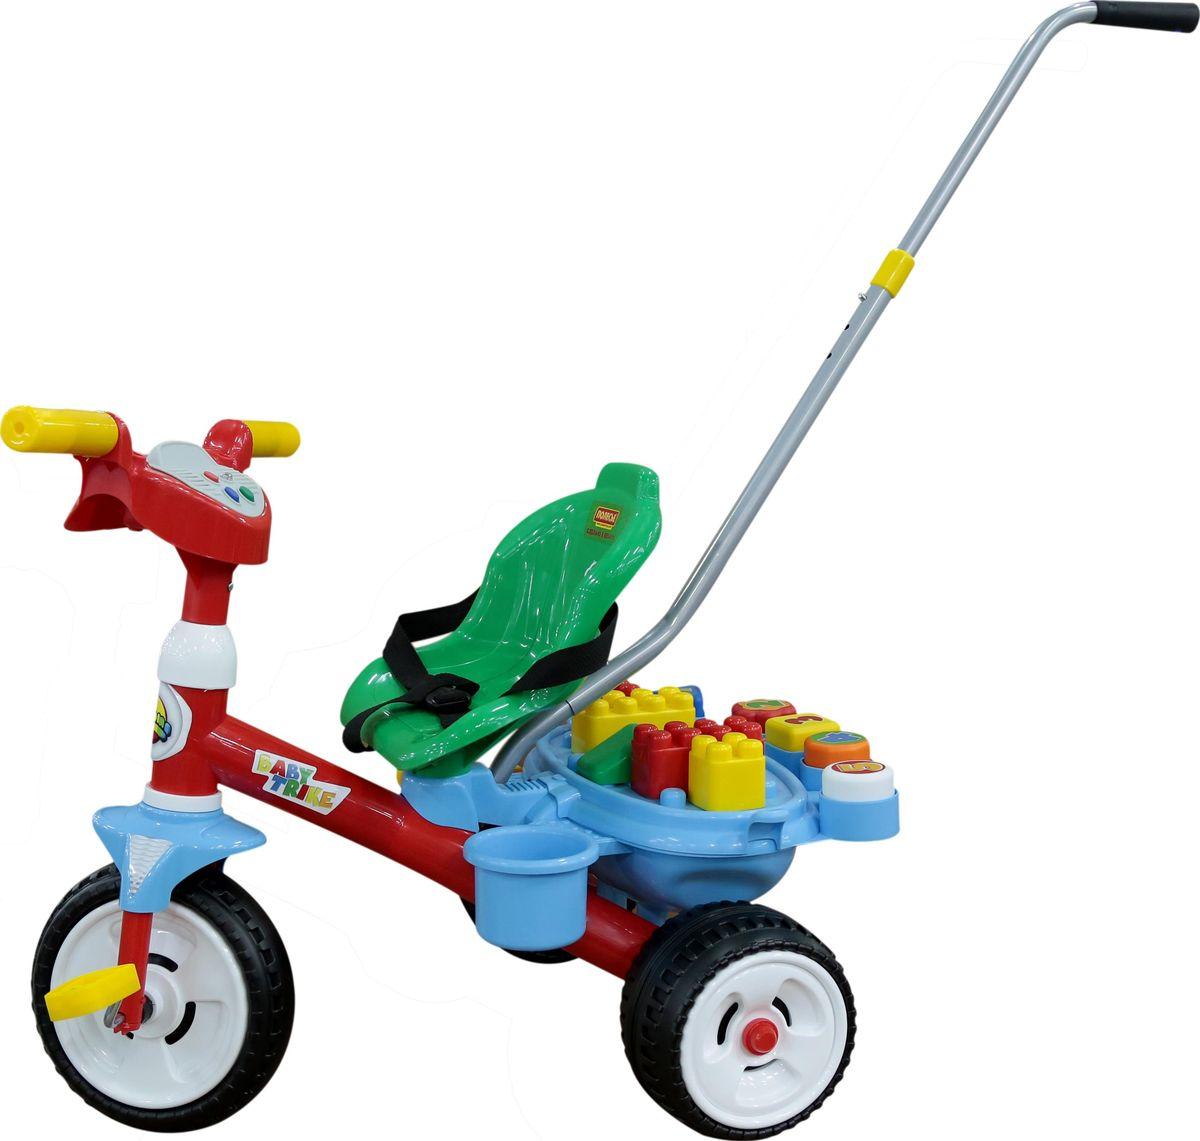 Полесье Велосипед трехколесный Беби Трайк 4679646796Полесье Велосипед трехколесный Беби Трайк с ручкой, звуковым сигналом и ремешком + Набор цвет 11 элементов